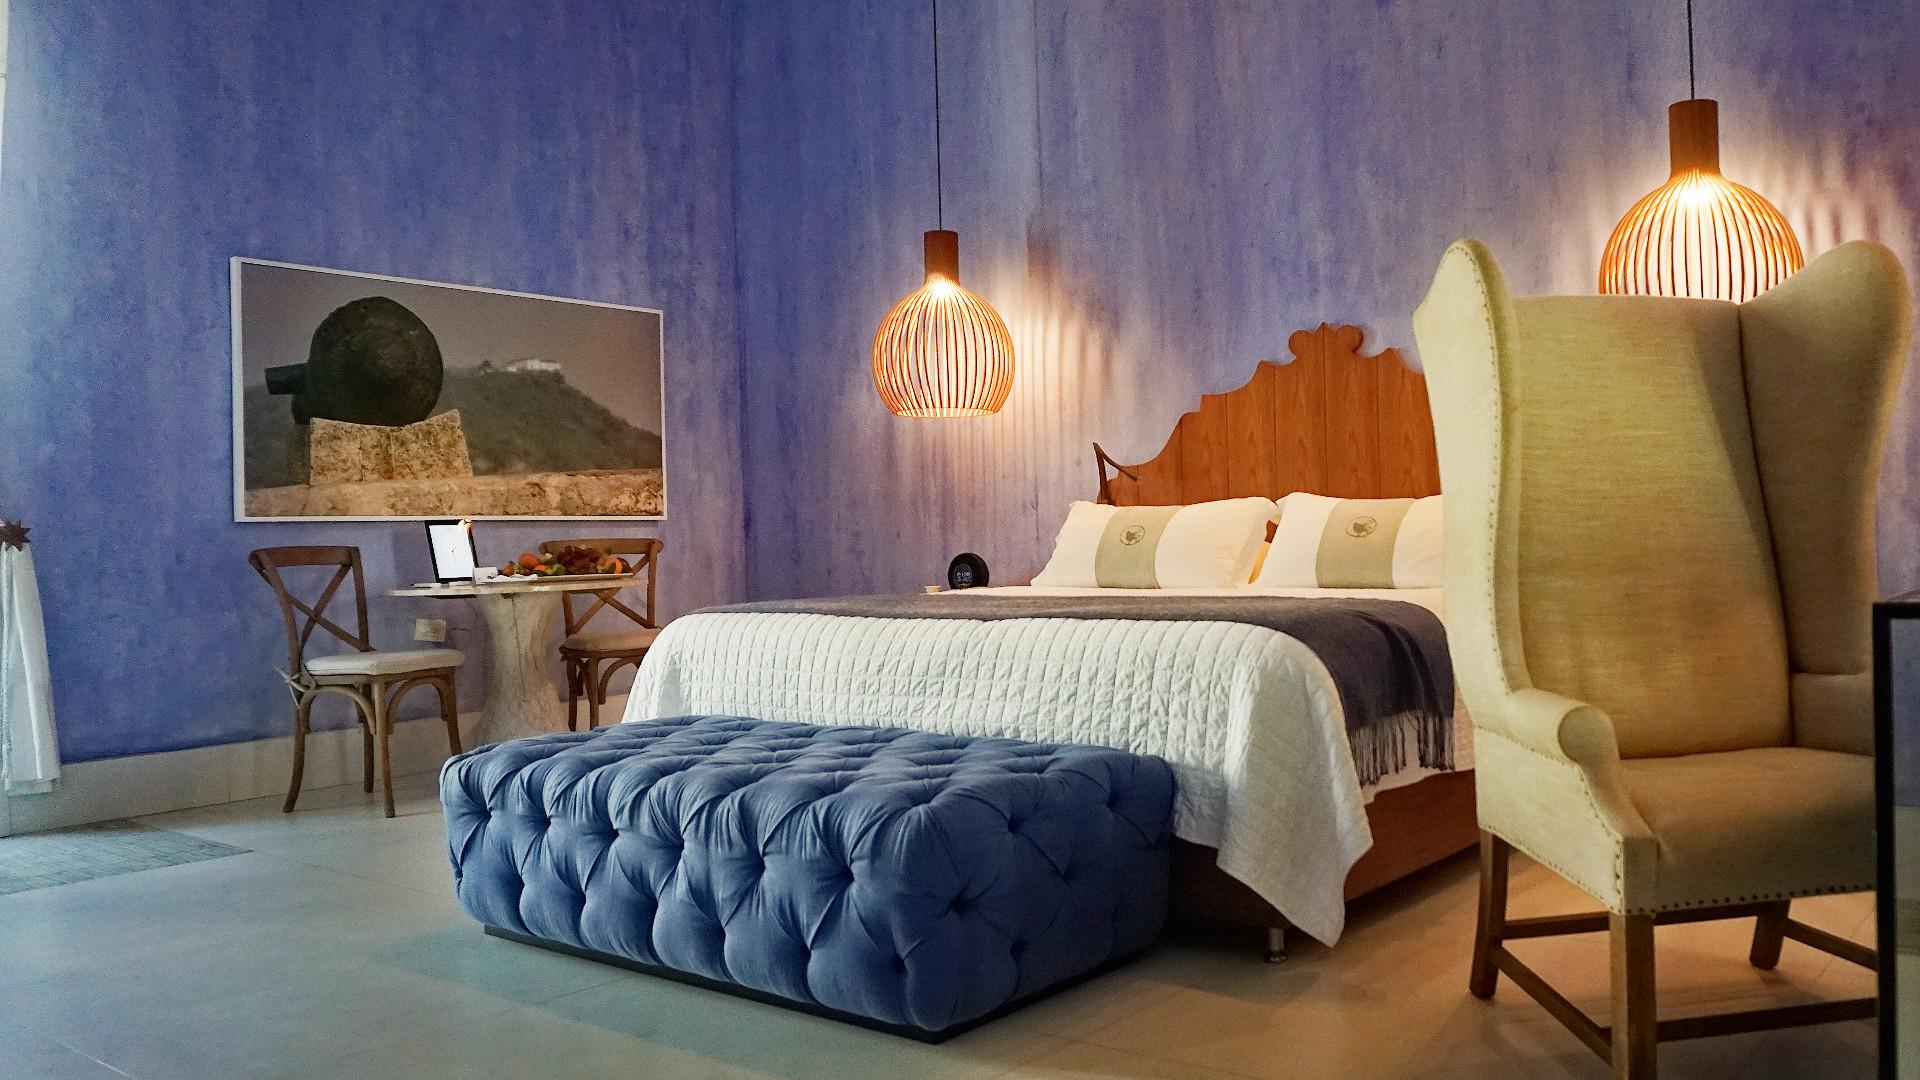 Cr tica charleston santa teresa historia y servicio en for Descripcion de una habitacion de hotel